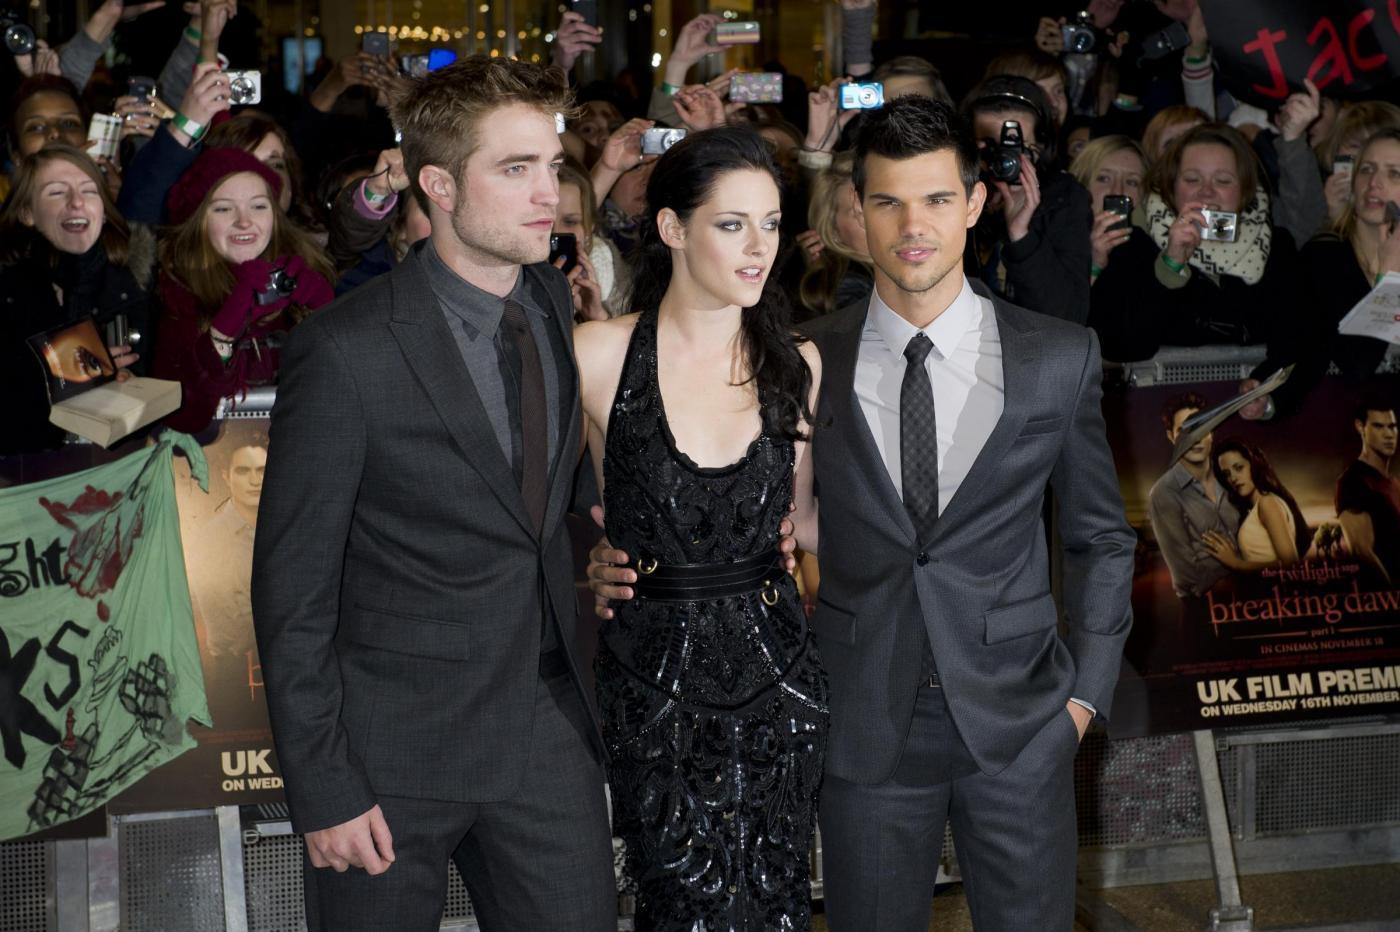 Kristen Stewart incontri Robert Pattinson 2011 definizione di dating Webster